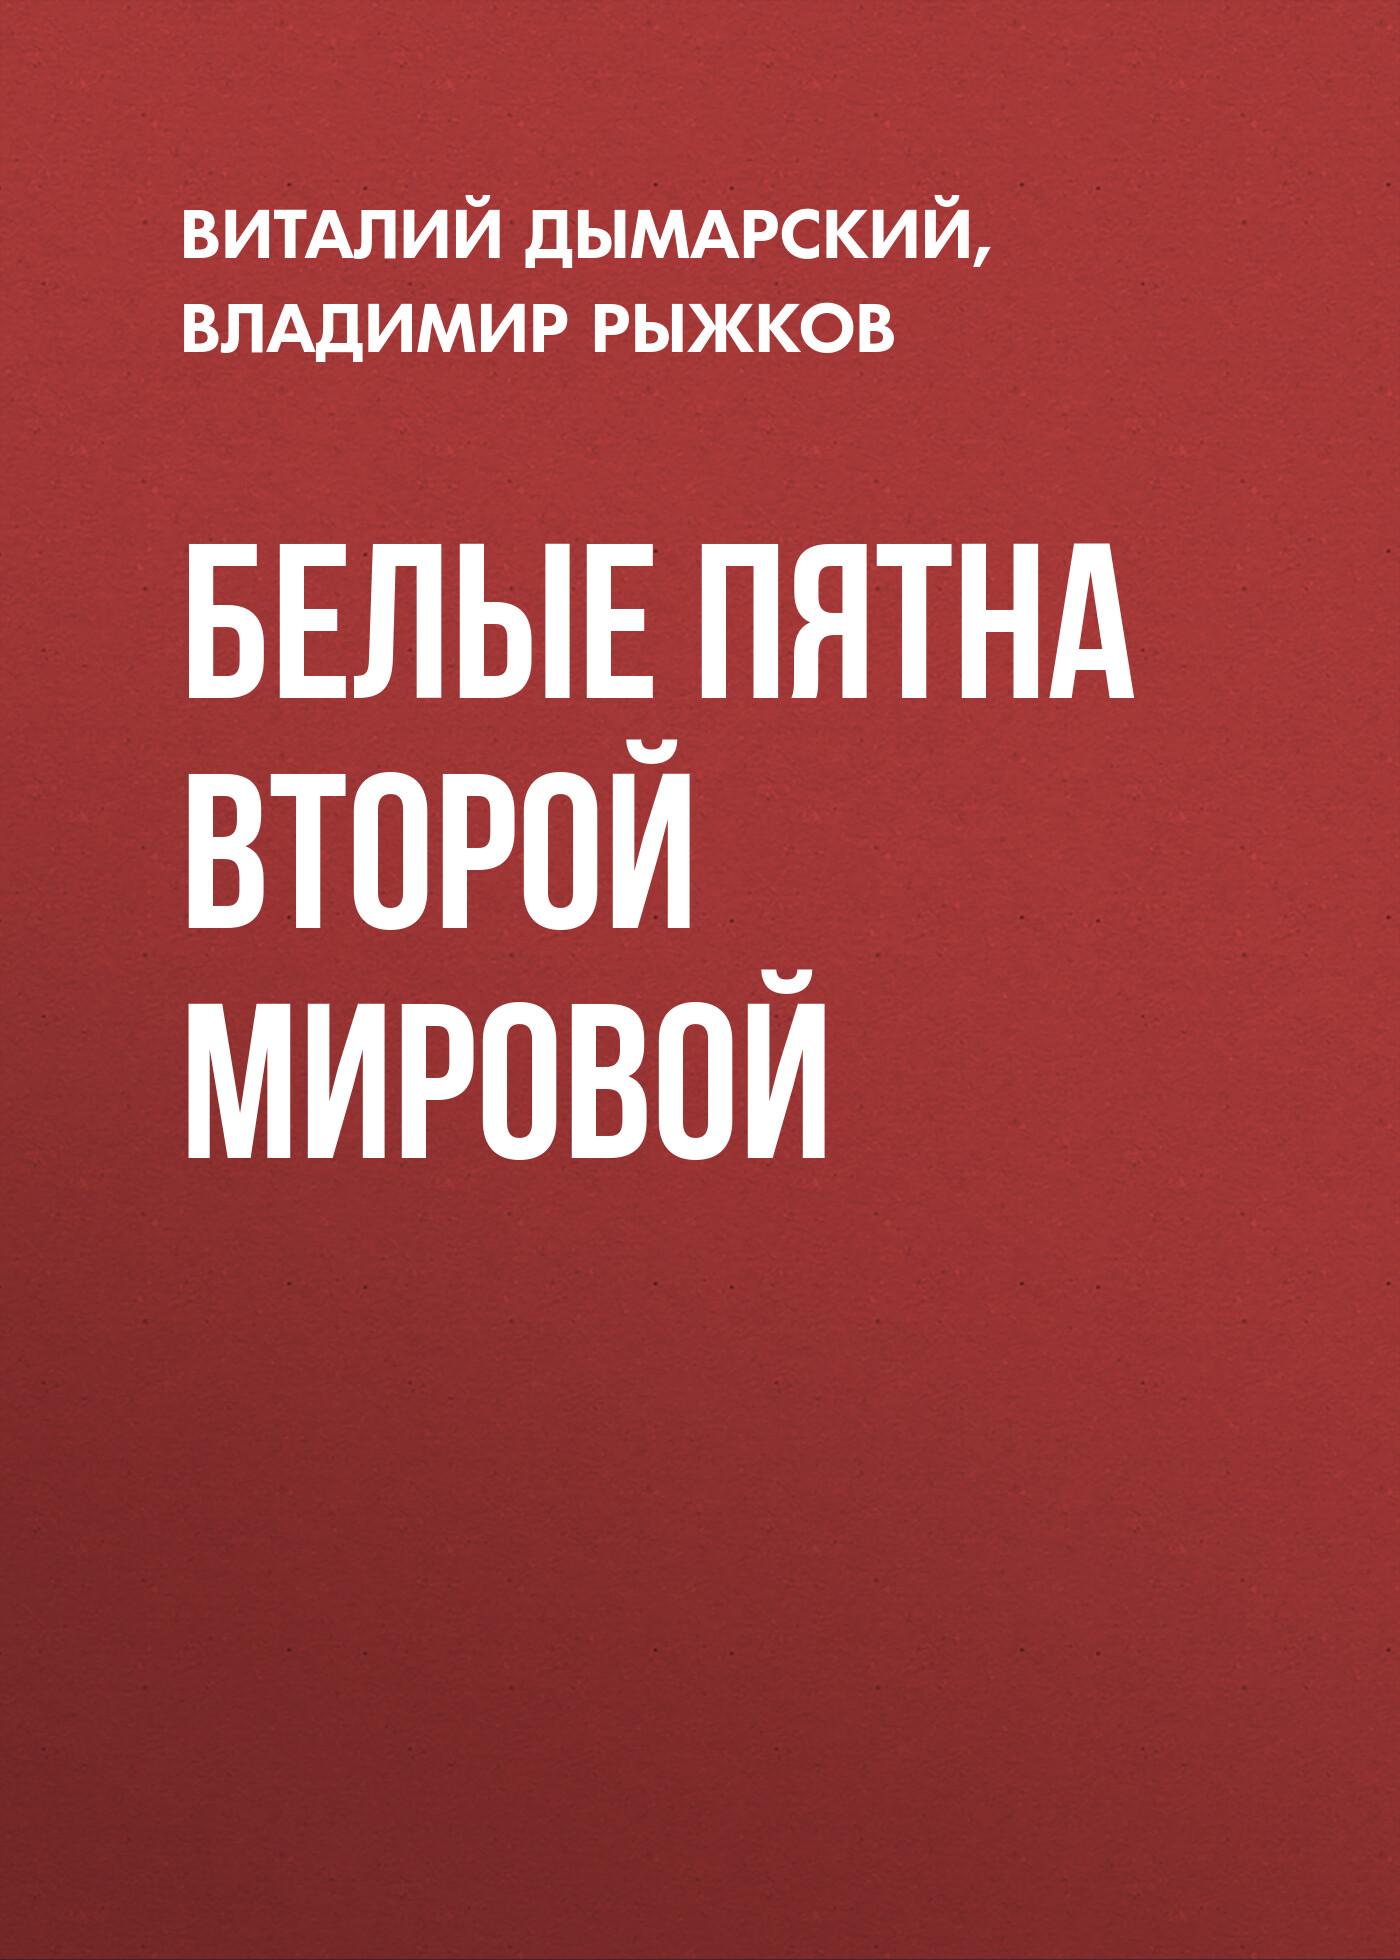 купить Виталий Дымарский Белые пятна Второй мировой онлайн